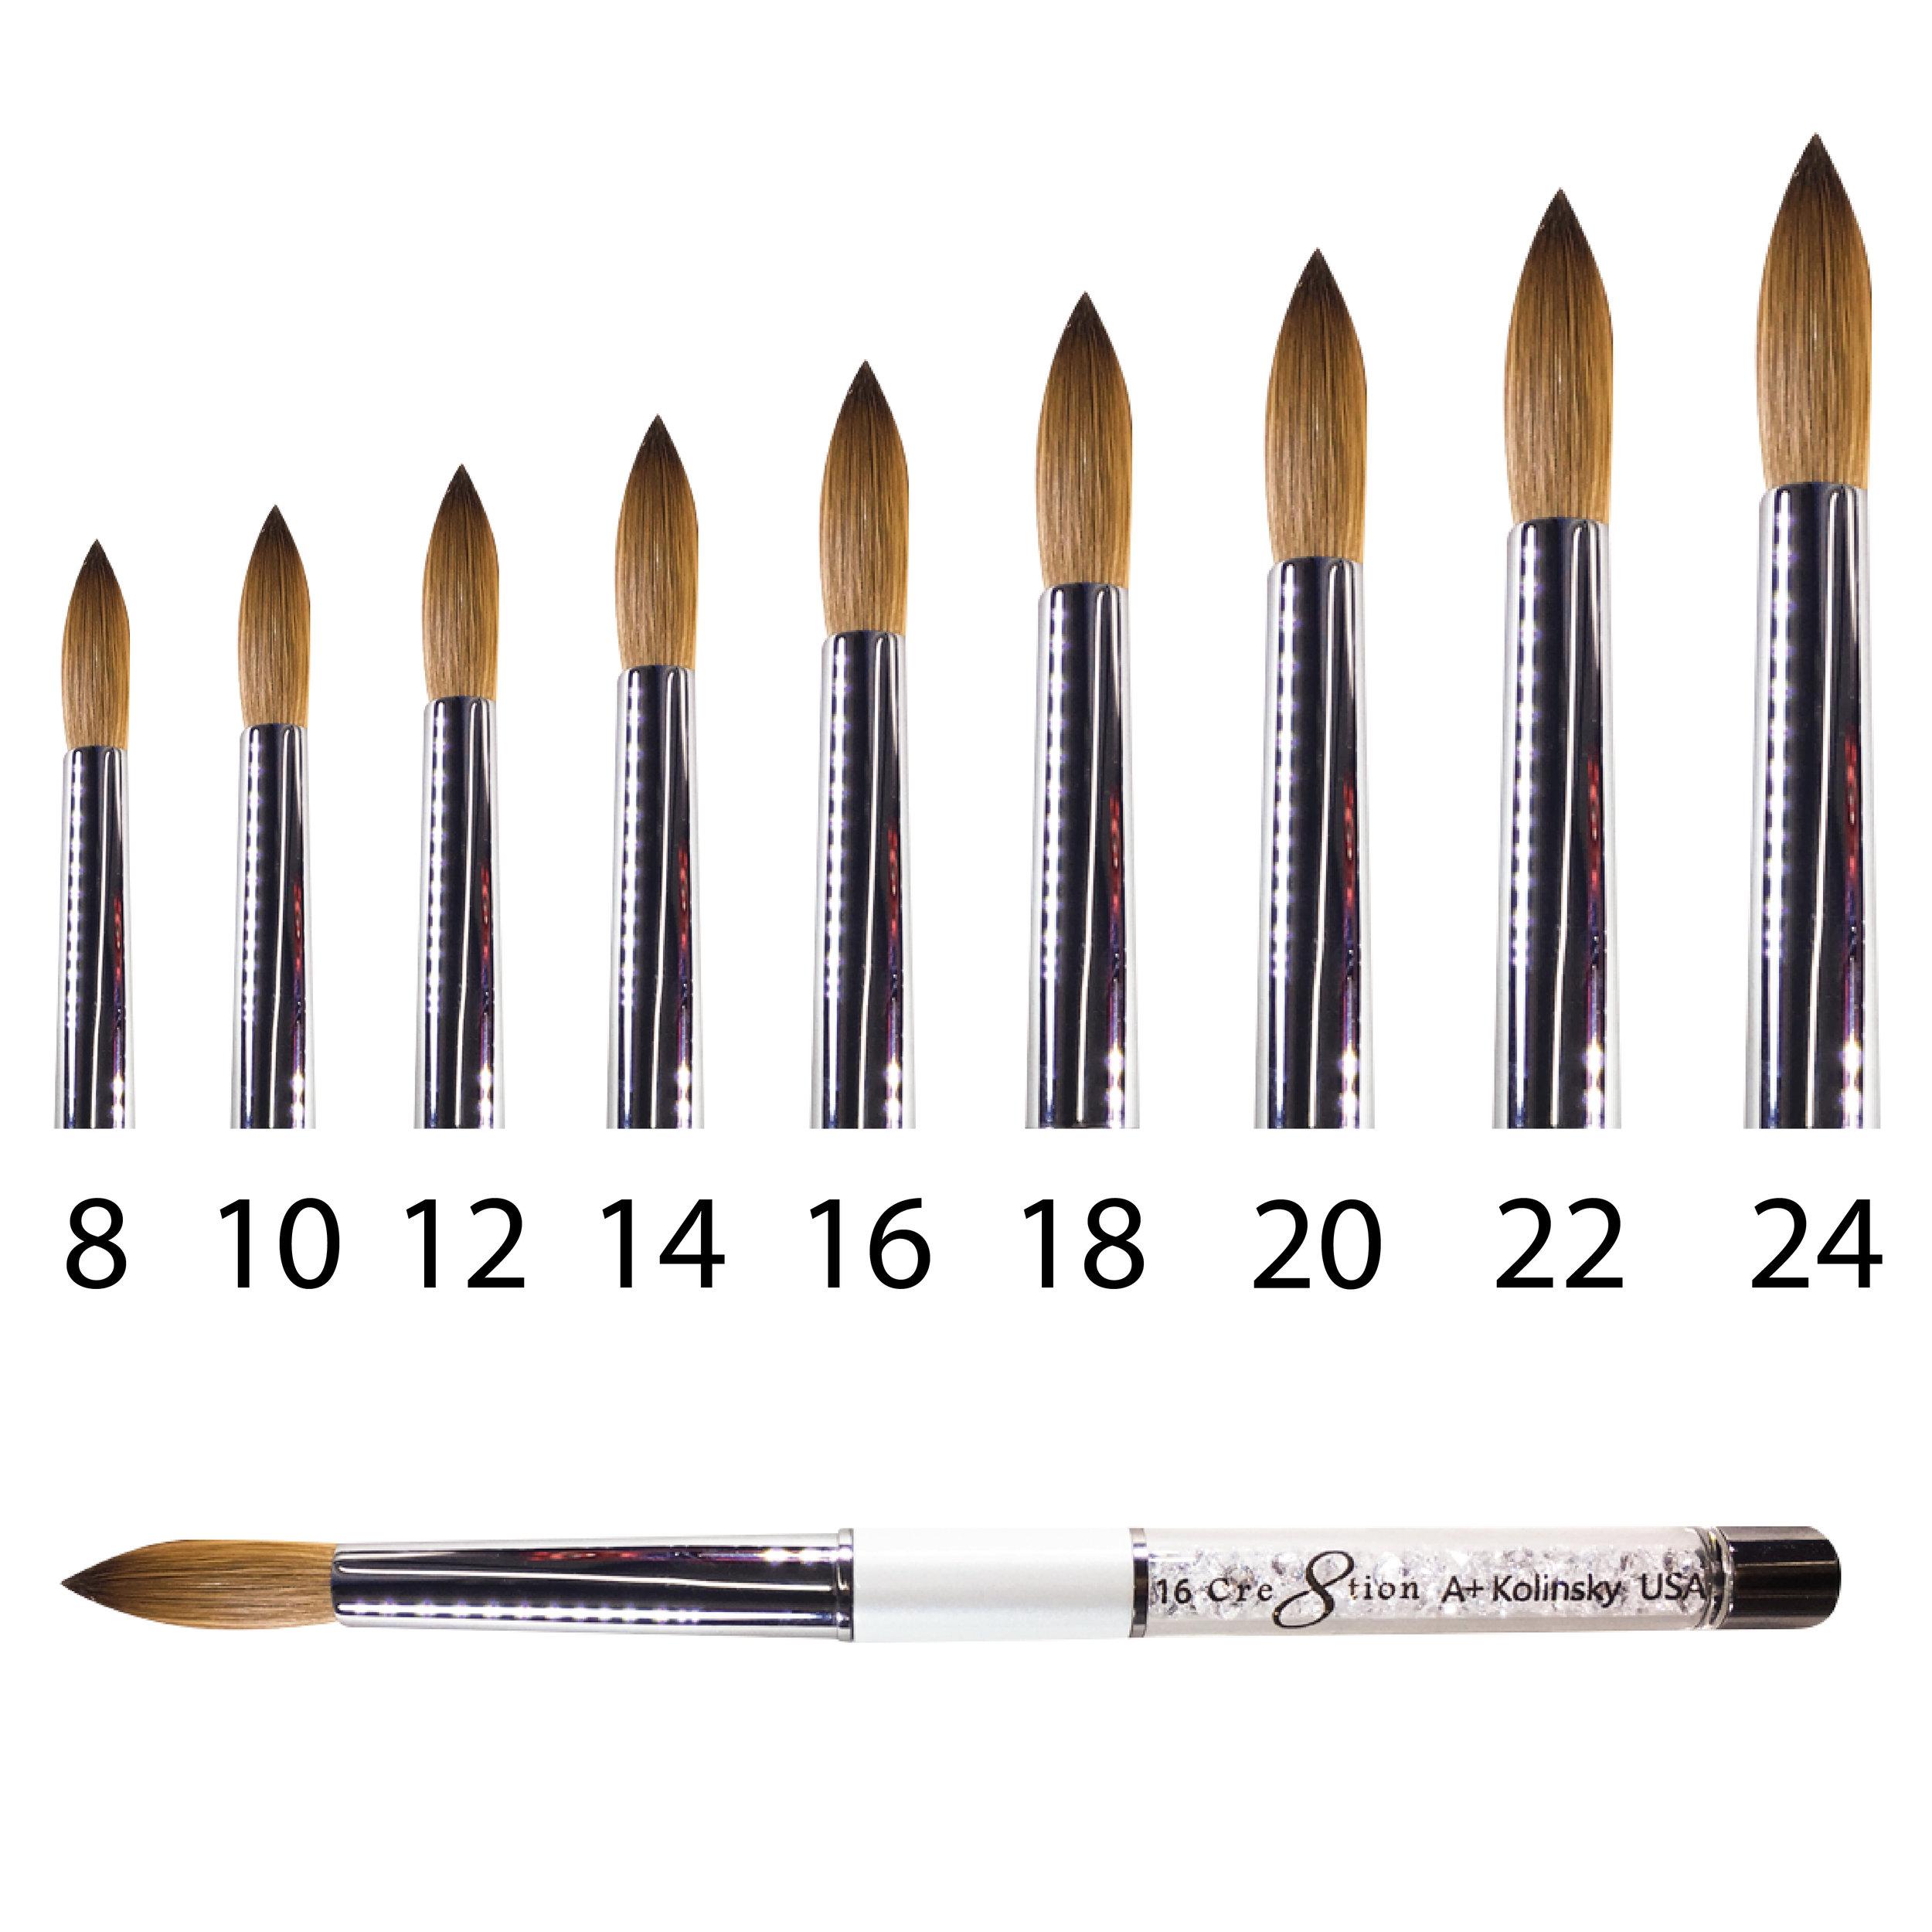 Kolinsky Acrylic Brush A+  150 pcs/box, 600 pcs/case  12146 - Size 08 12147 - Size 10 12148 - Size 12 12149 - Size 14 12150 - Size 16 12151 - Size 18 12152 - Size 20 12153 - Size 22 12154 - Size 24